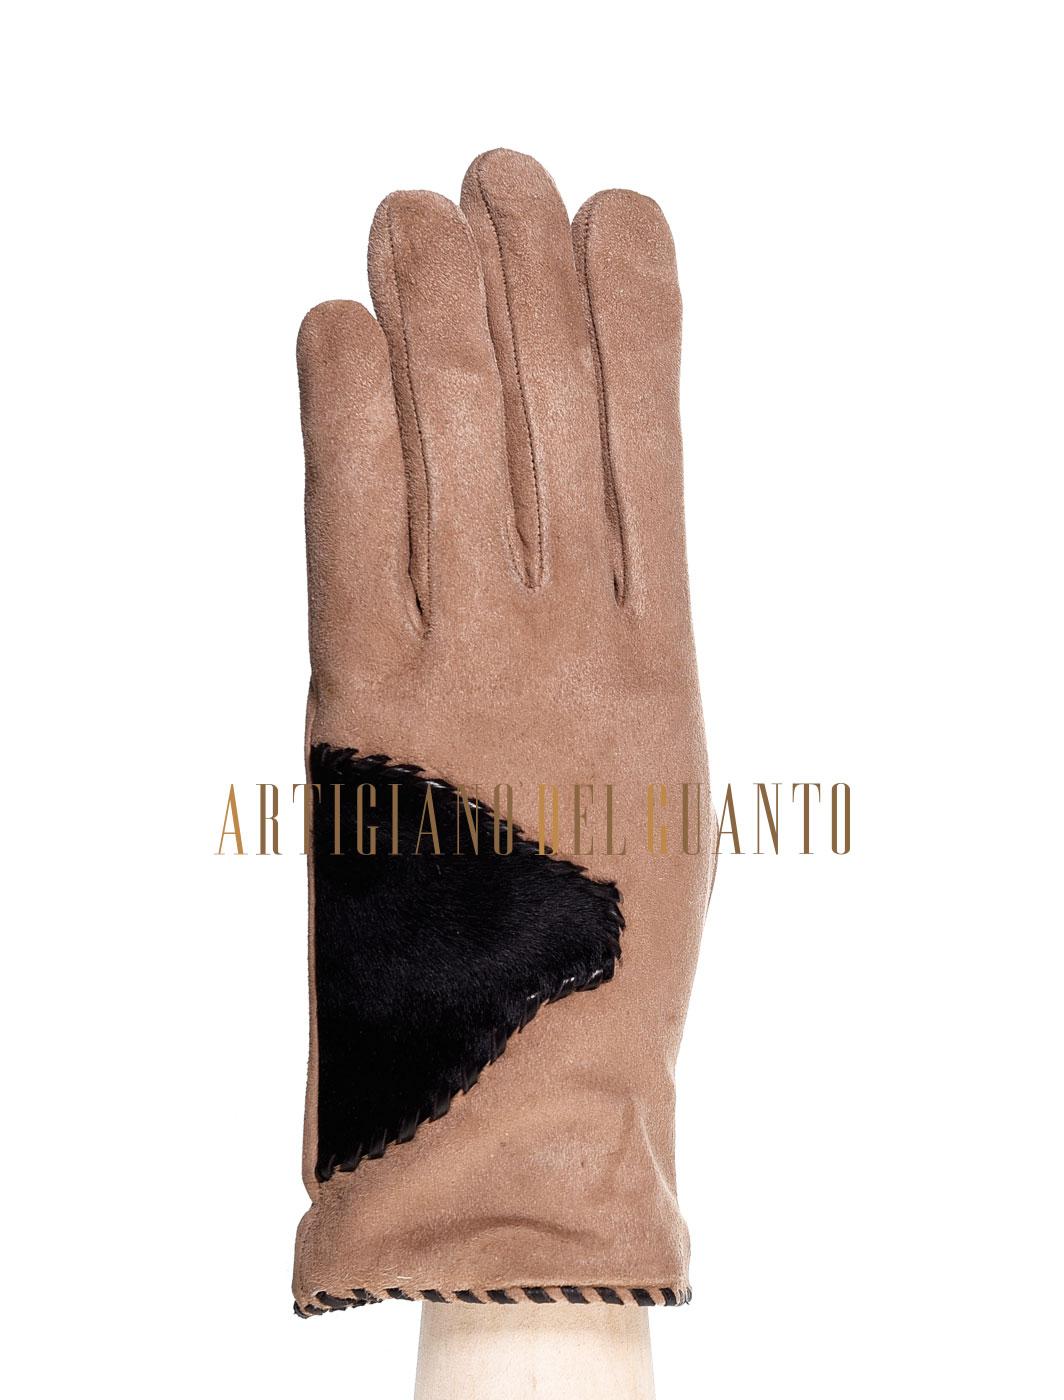 guanto in pelle di Agnello e Vitello